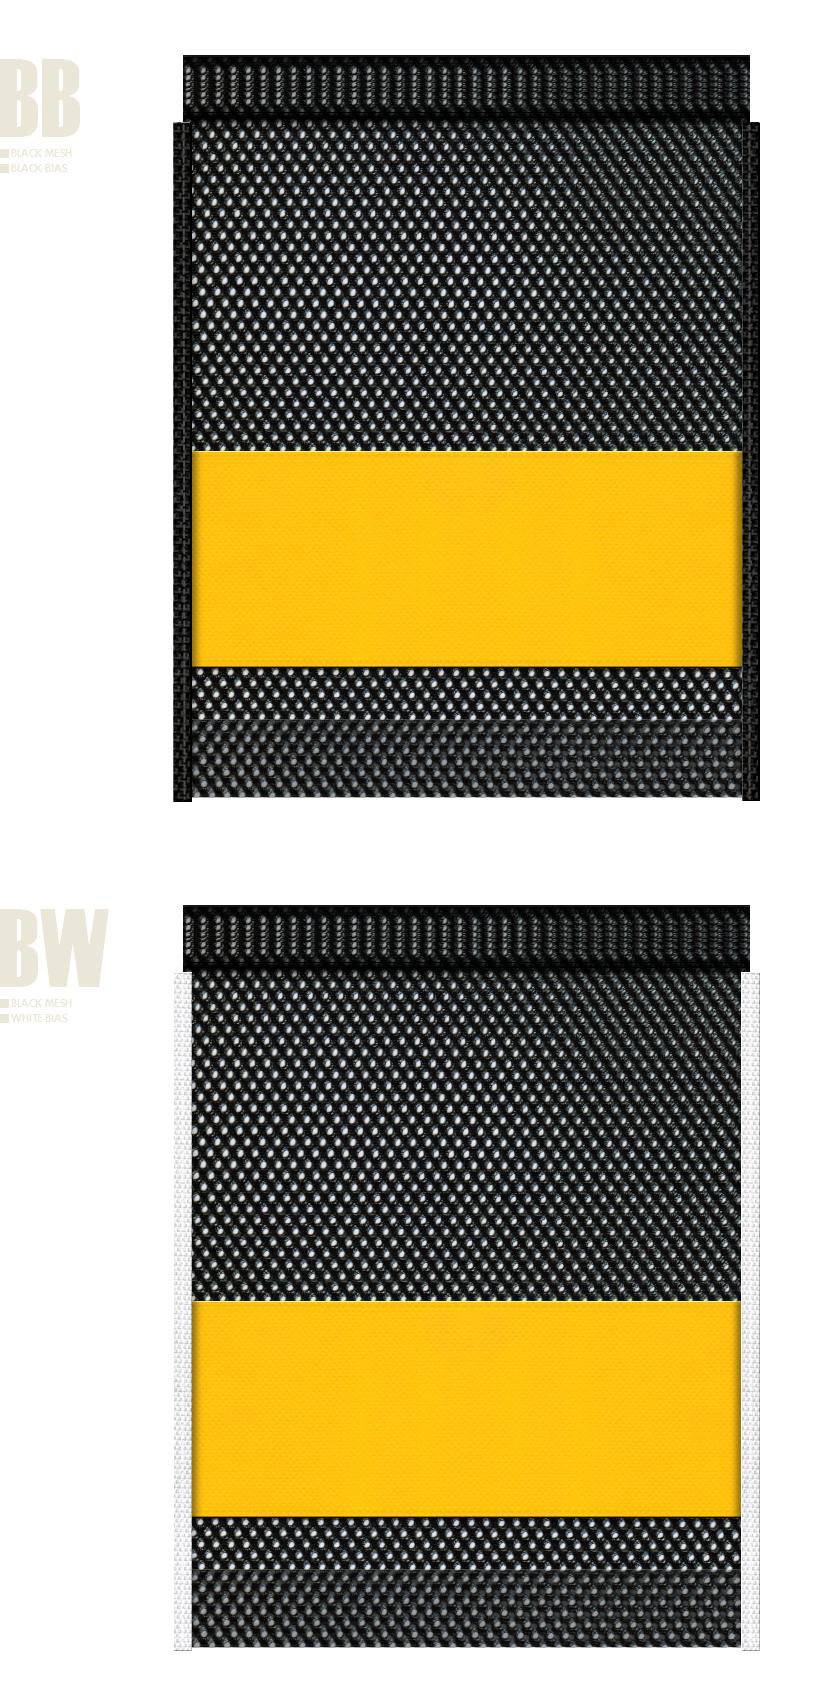 黒色メッシュと黄色不織布のメッシュバッグカラーシミュレーション:キャンプ用品・アウトドア用品・スポーツ用品・シューズバッグにお奨め